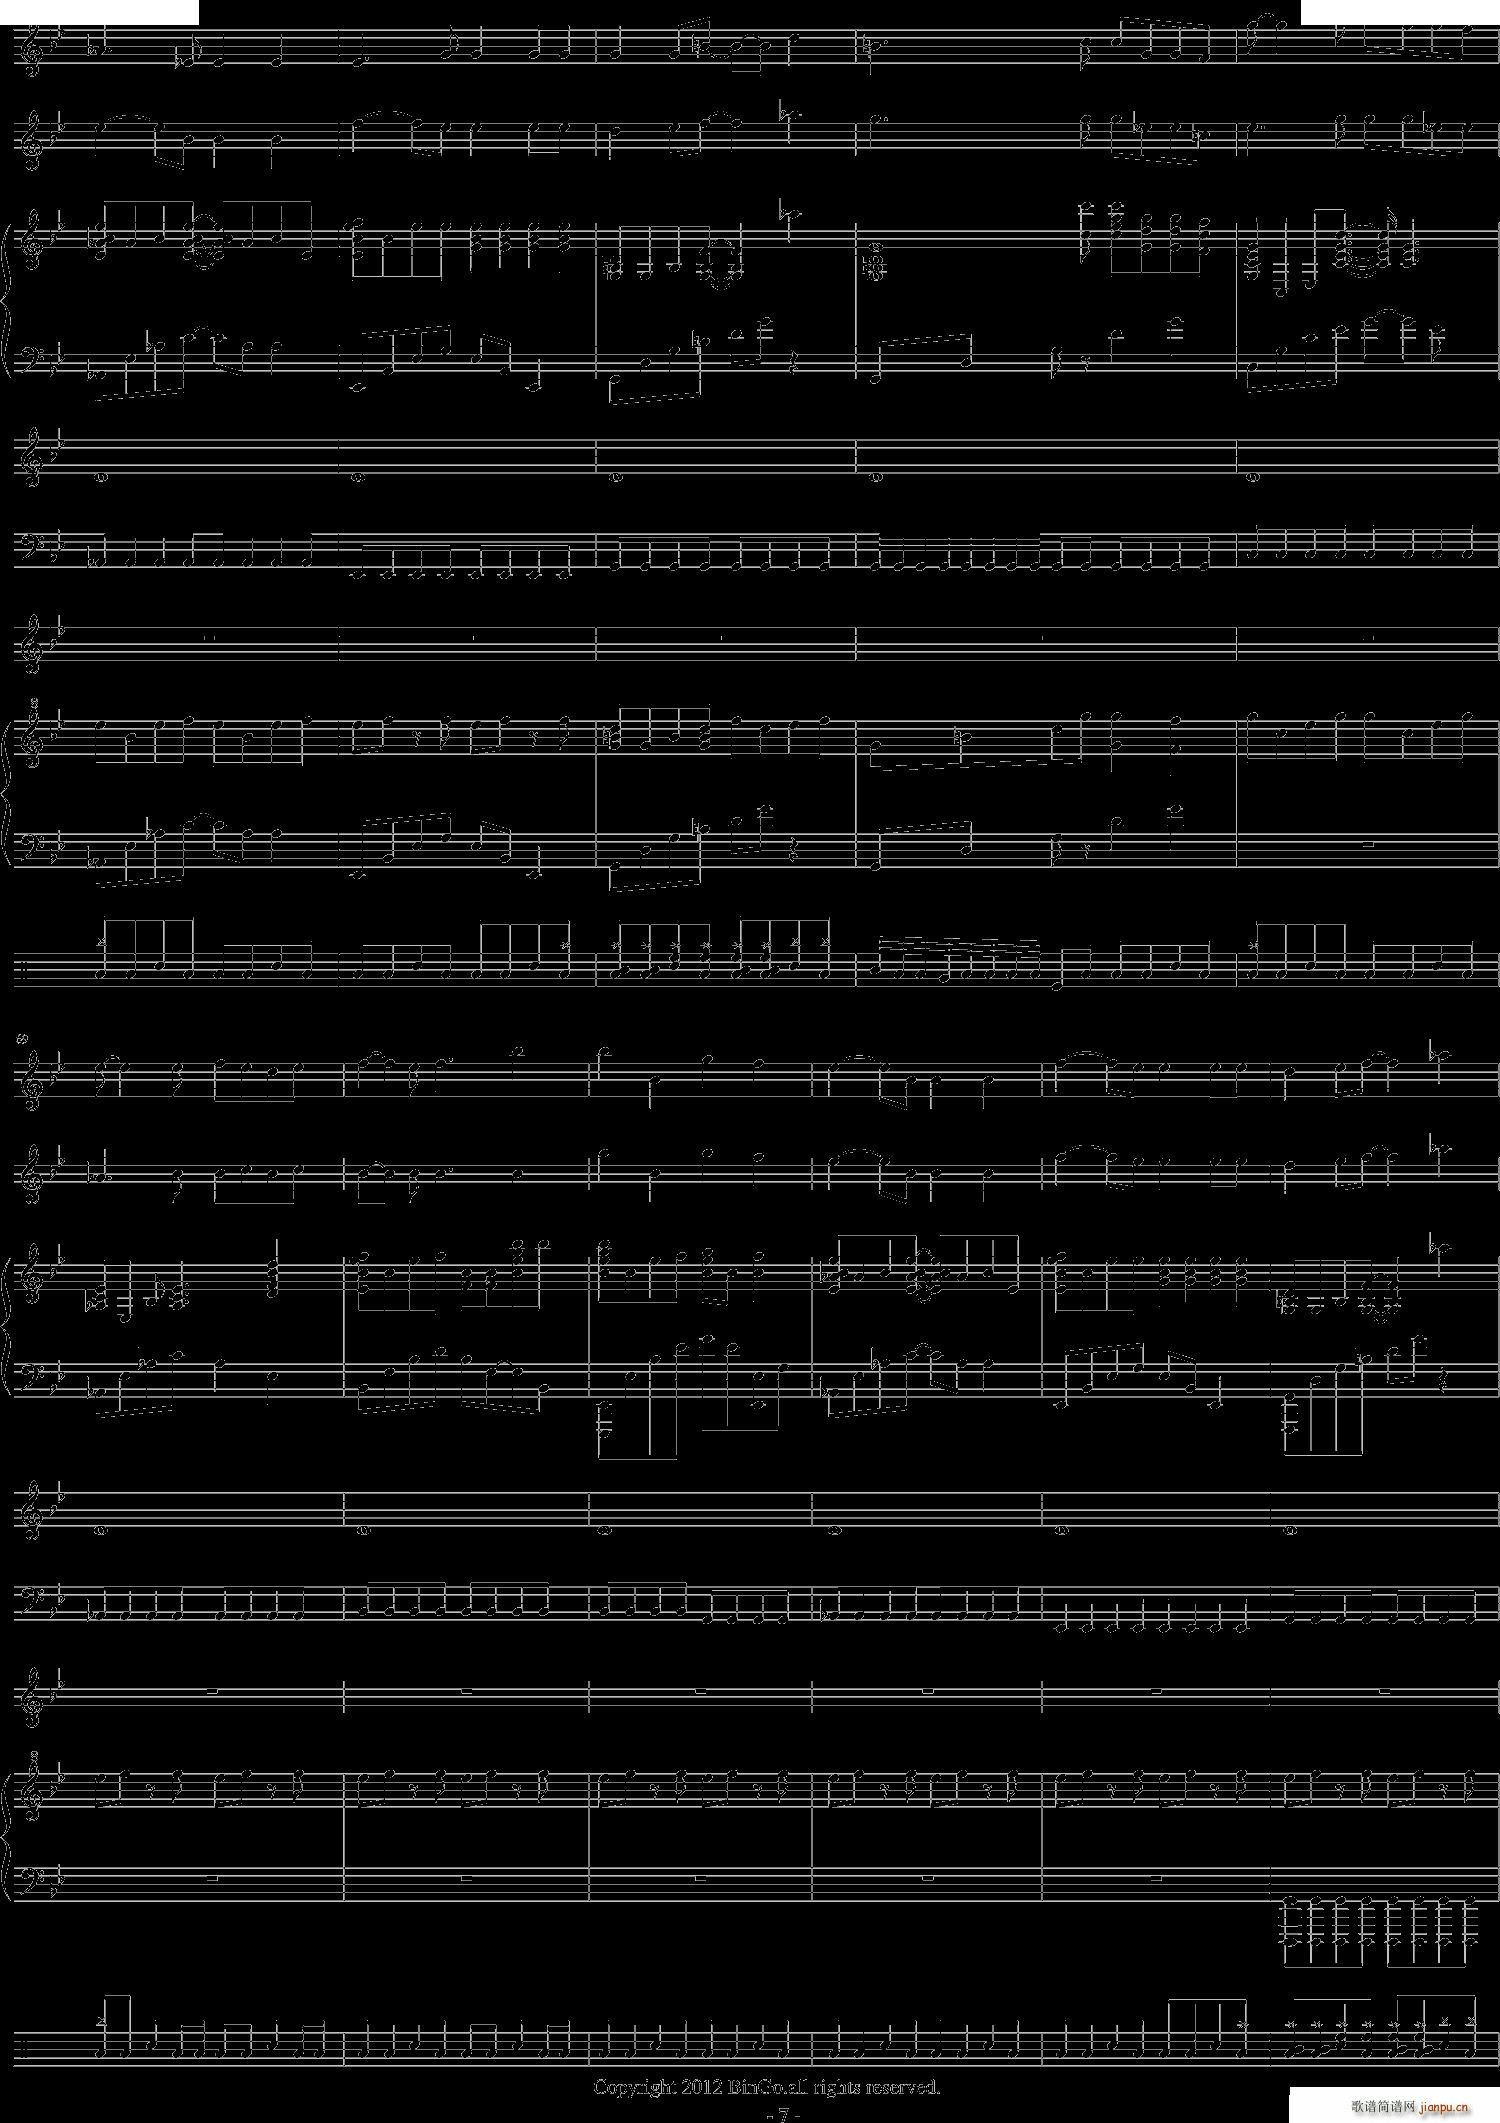 洛天依(三字歌谱)7